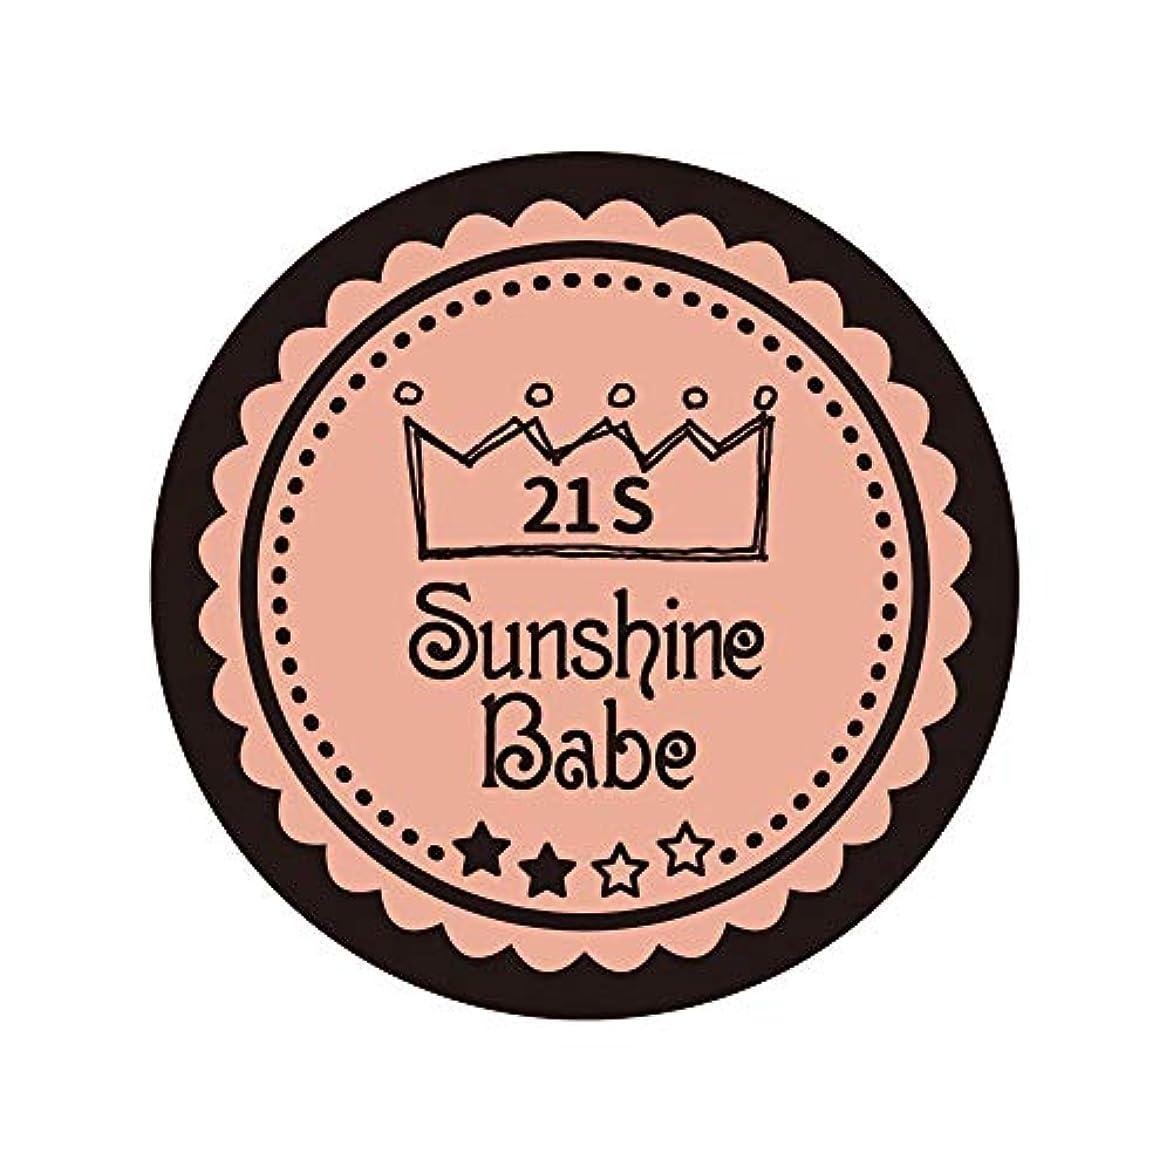 プレゼンター離す軍隊Sunshine Babe カラージェル 21S アロンピンク 2.7g UV/LED対応